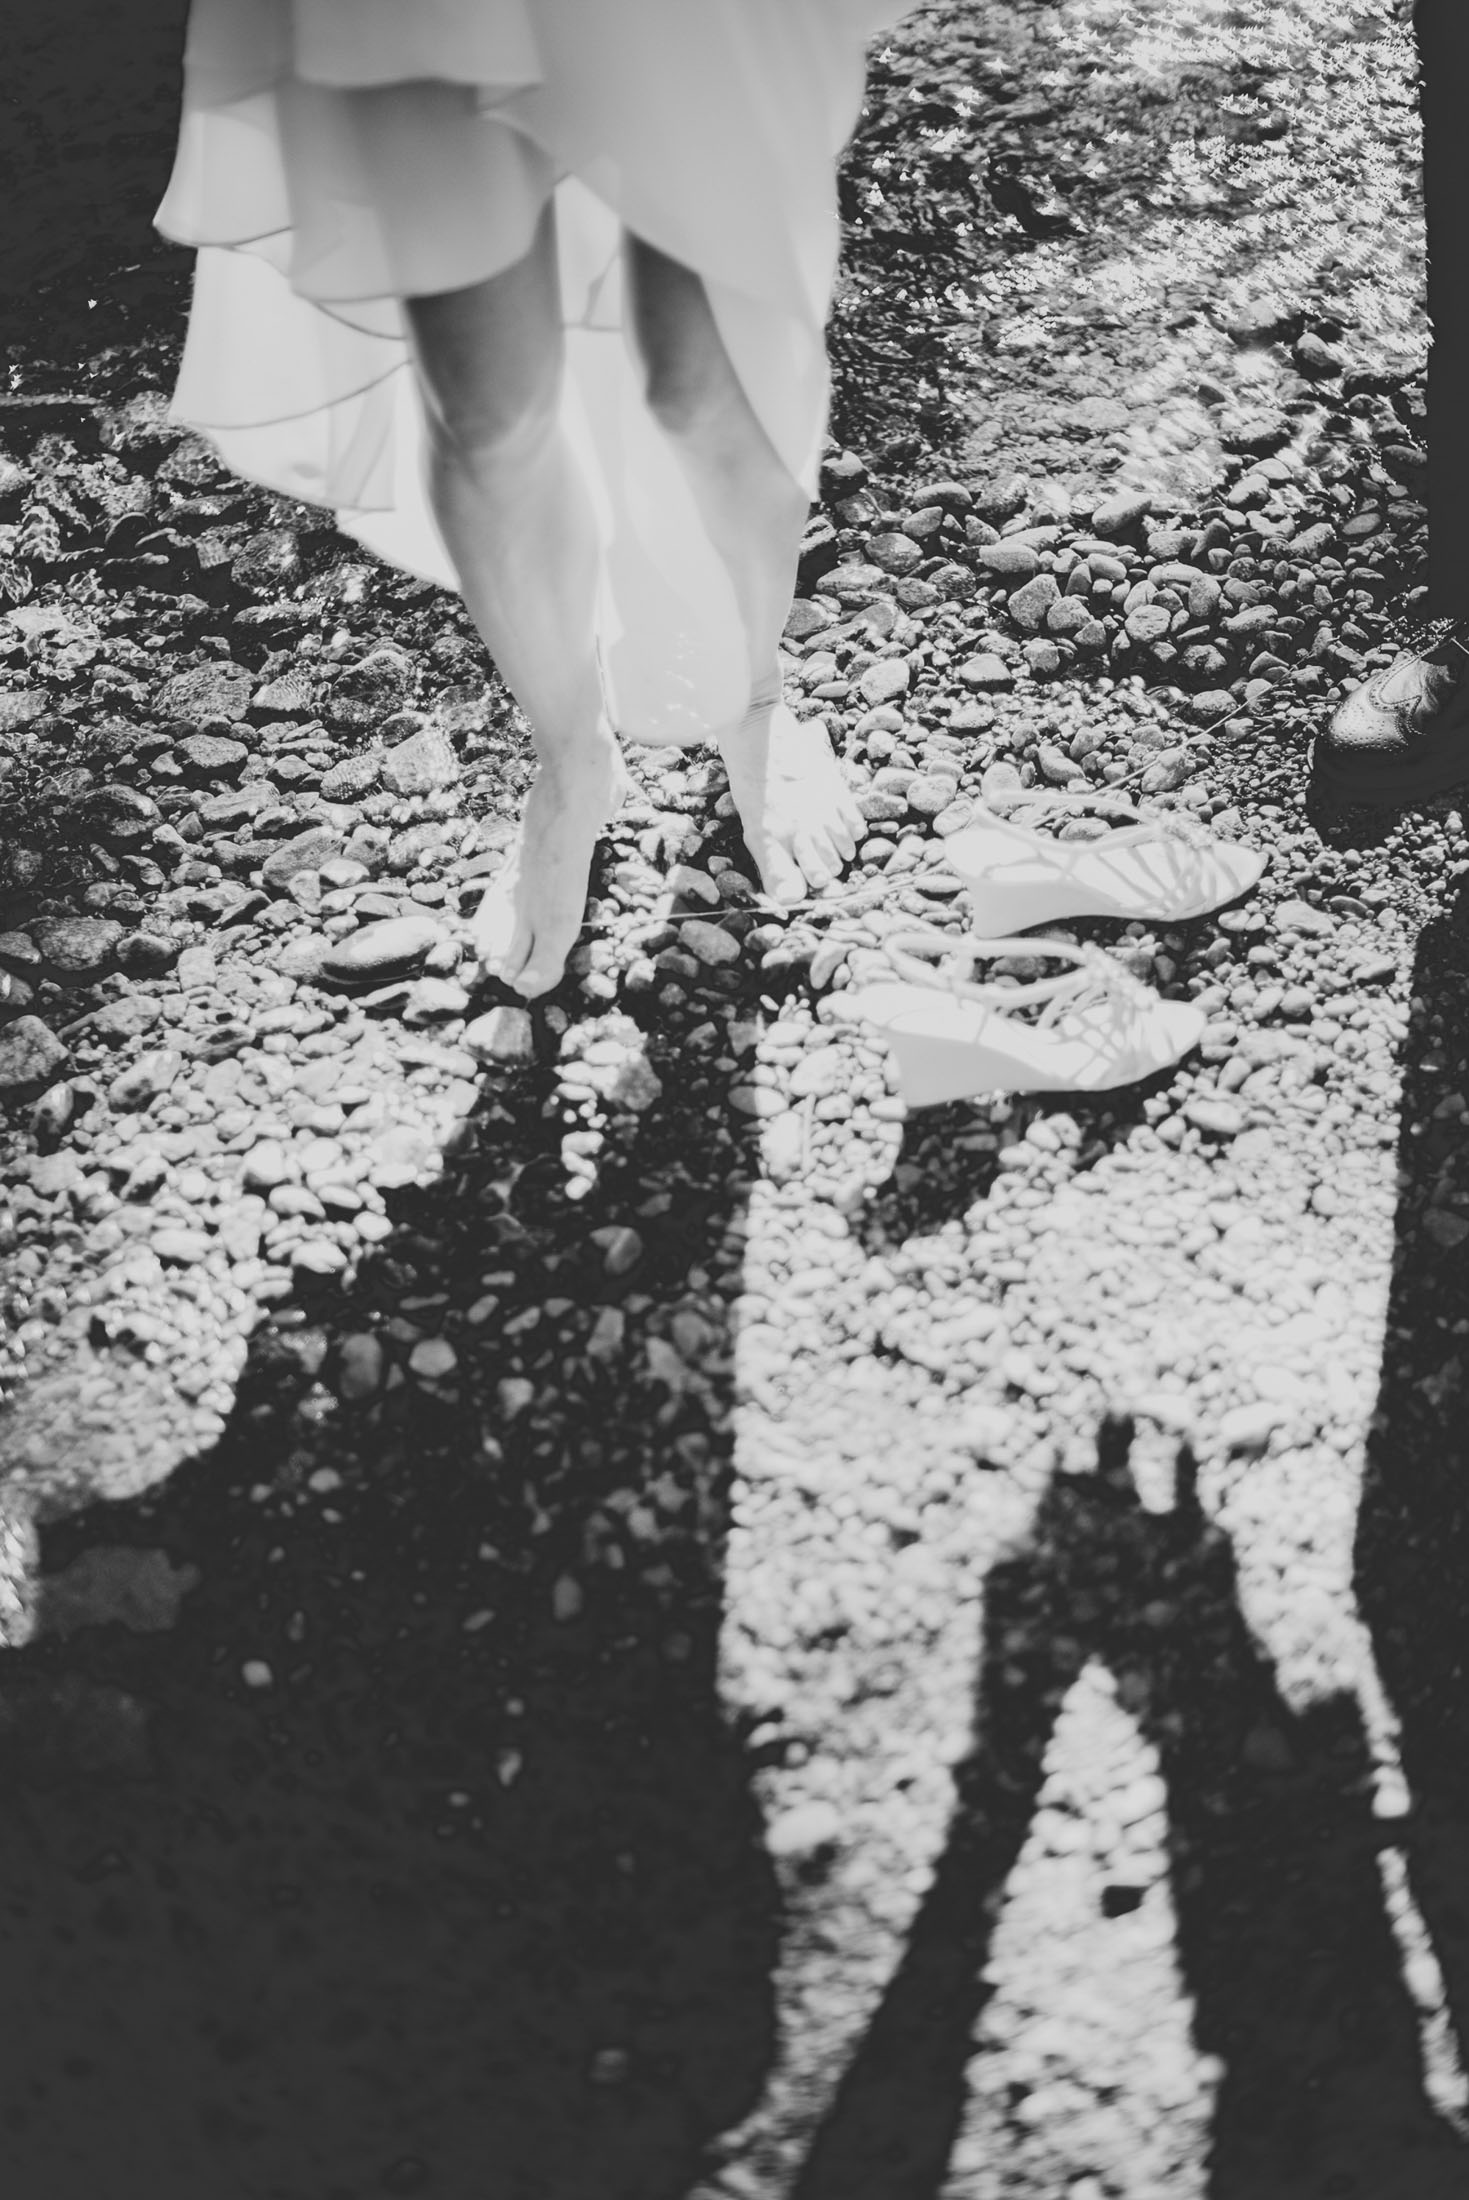 31elopement-photographer-colorado-colorado-mountain-wedding-photographer-romantic-wedding-pictures_034.jpg